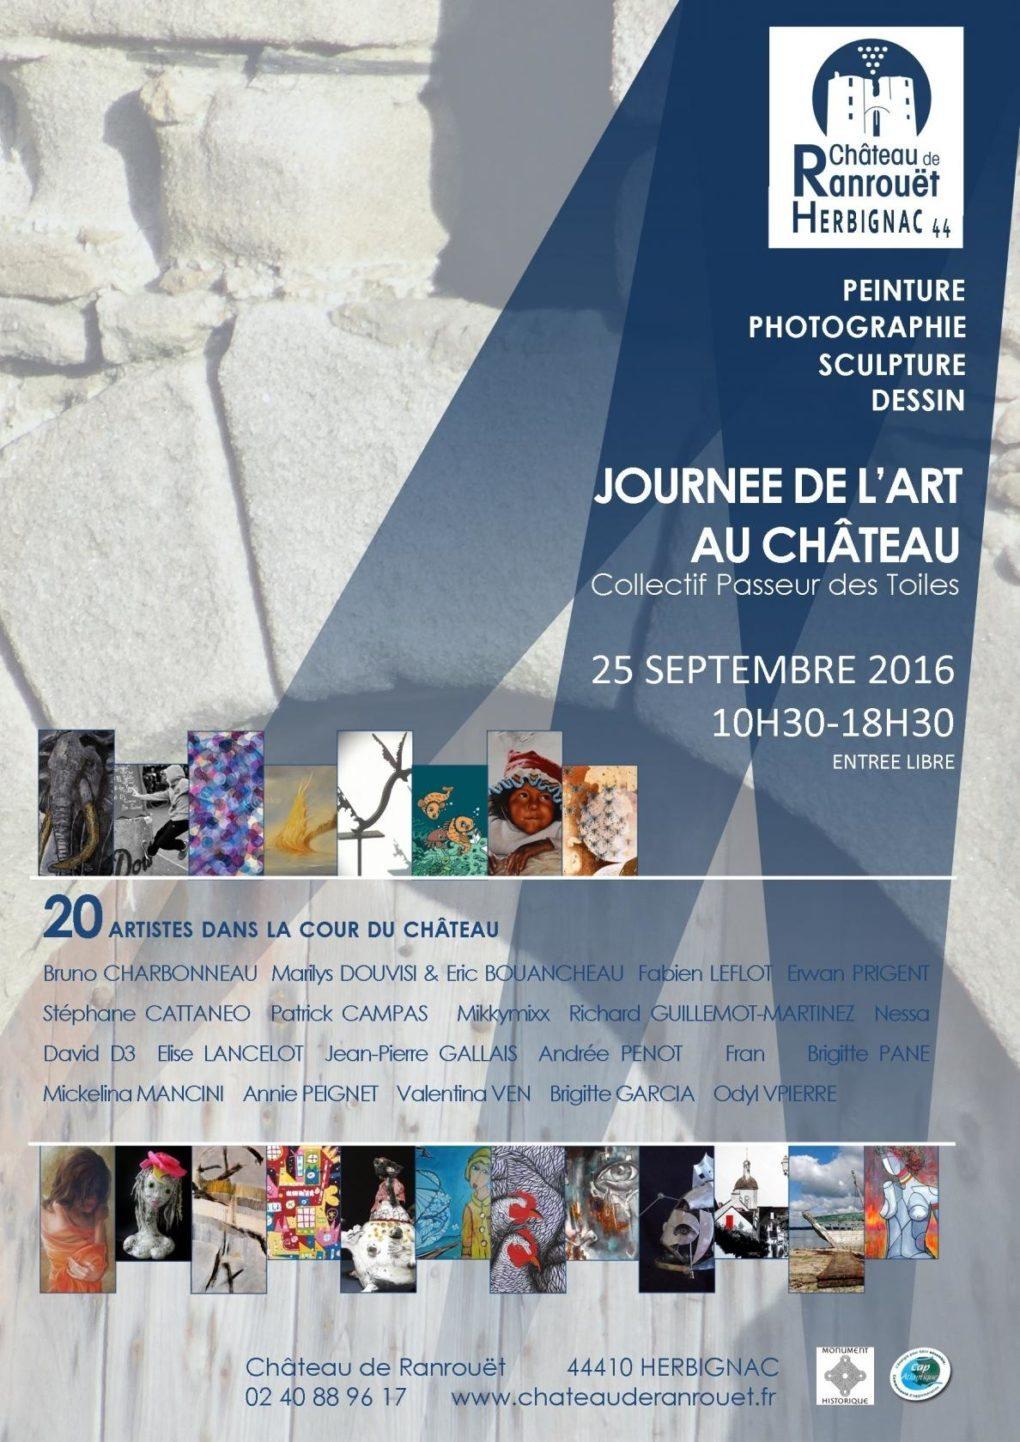 Journée de l'art au château Herbignac